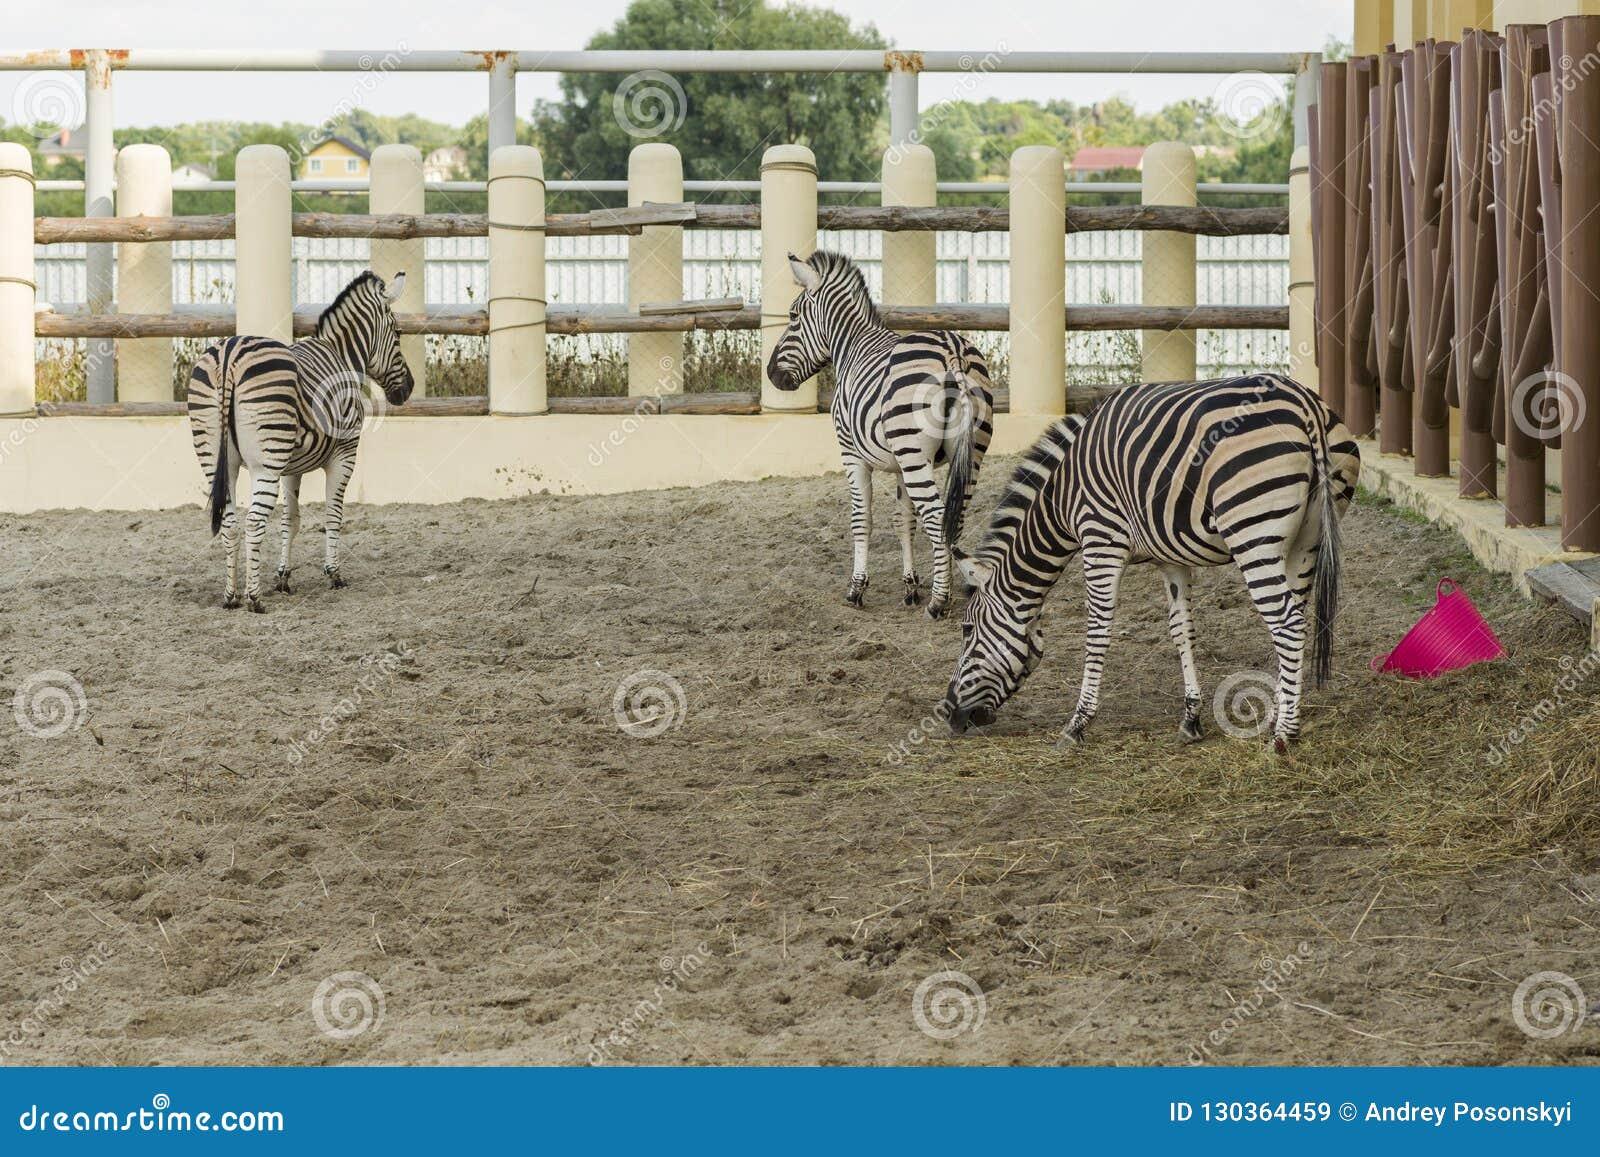 Zebre a strisce africane nello zoo